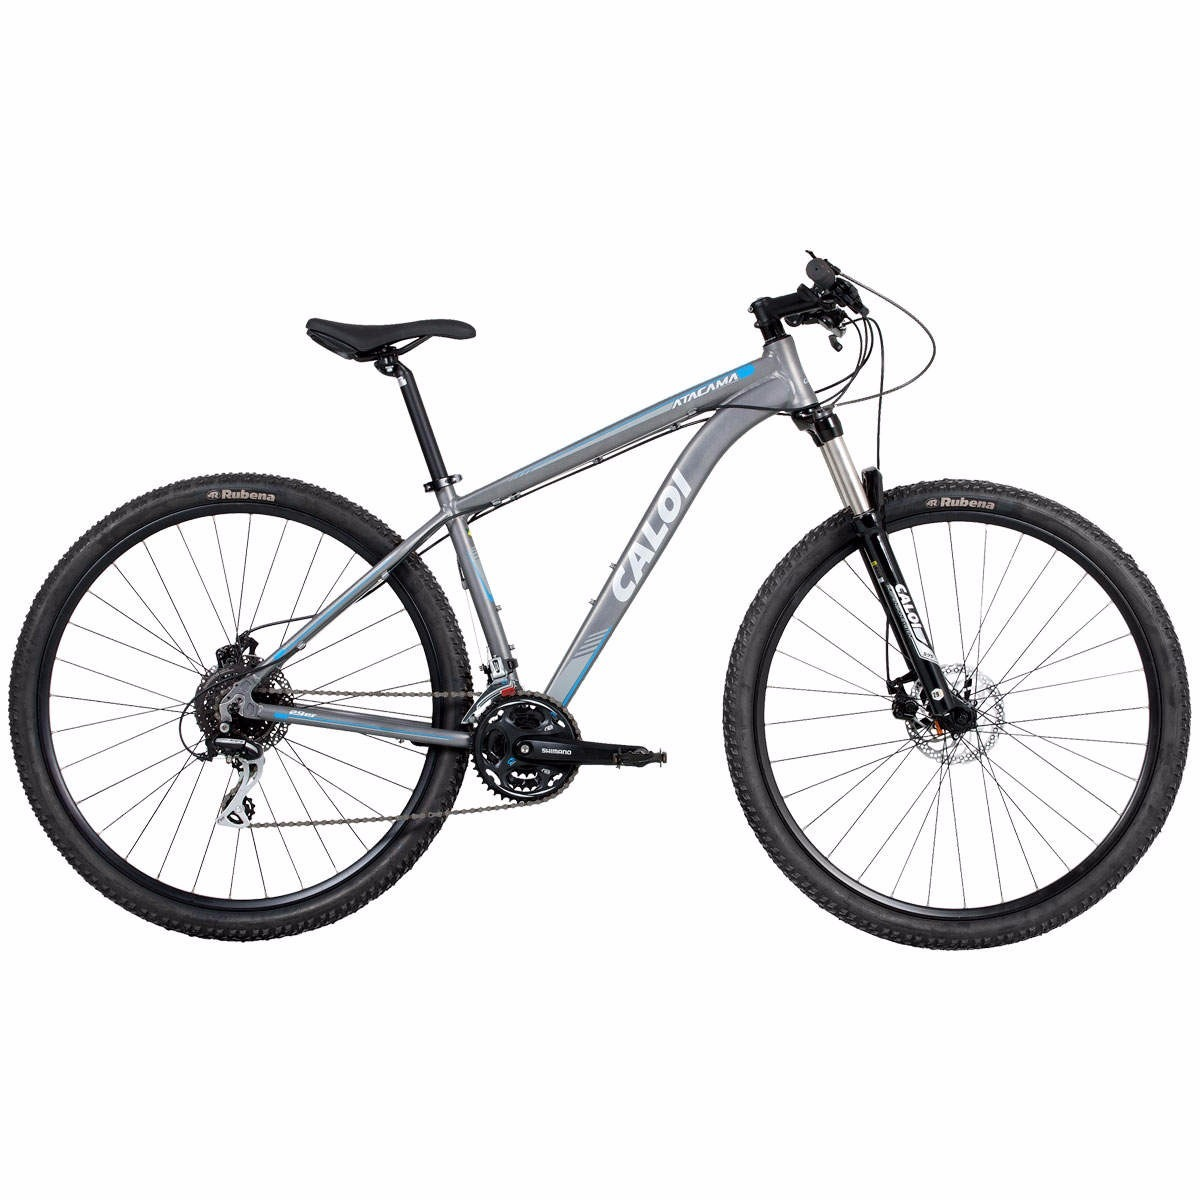 f0173c6d1 Bicicleta Caloi Atacama Aro 29 - Freio A Disco - Kit Shimano - R ...